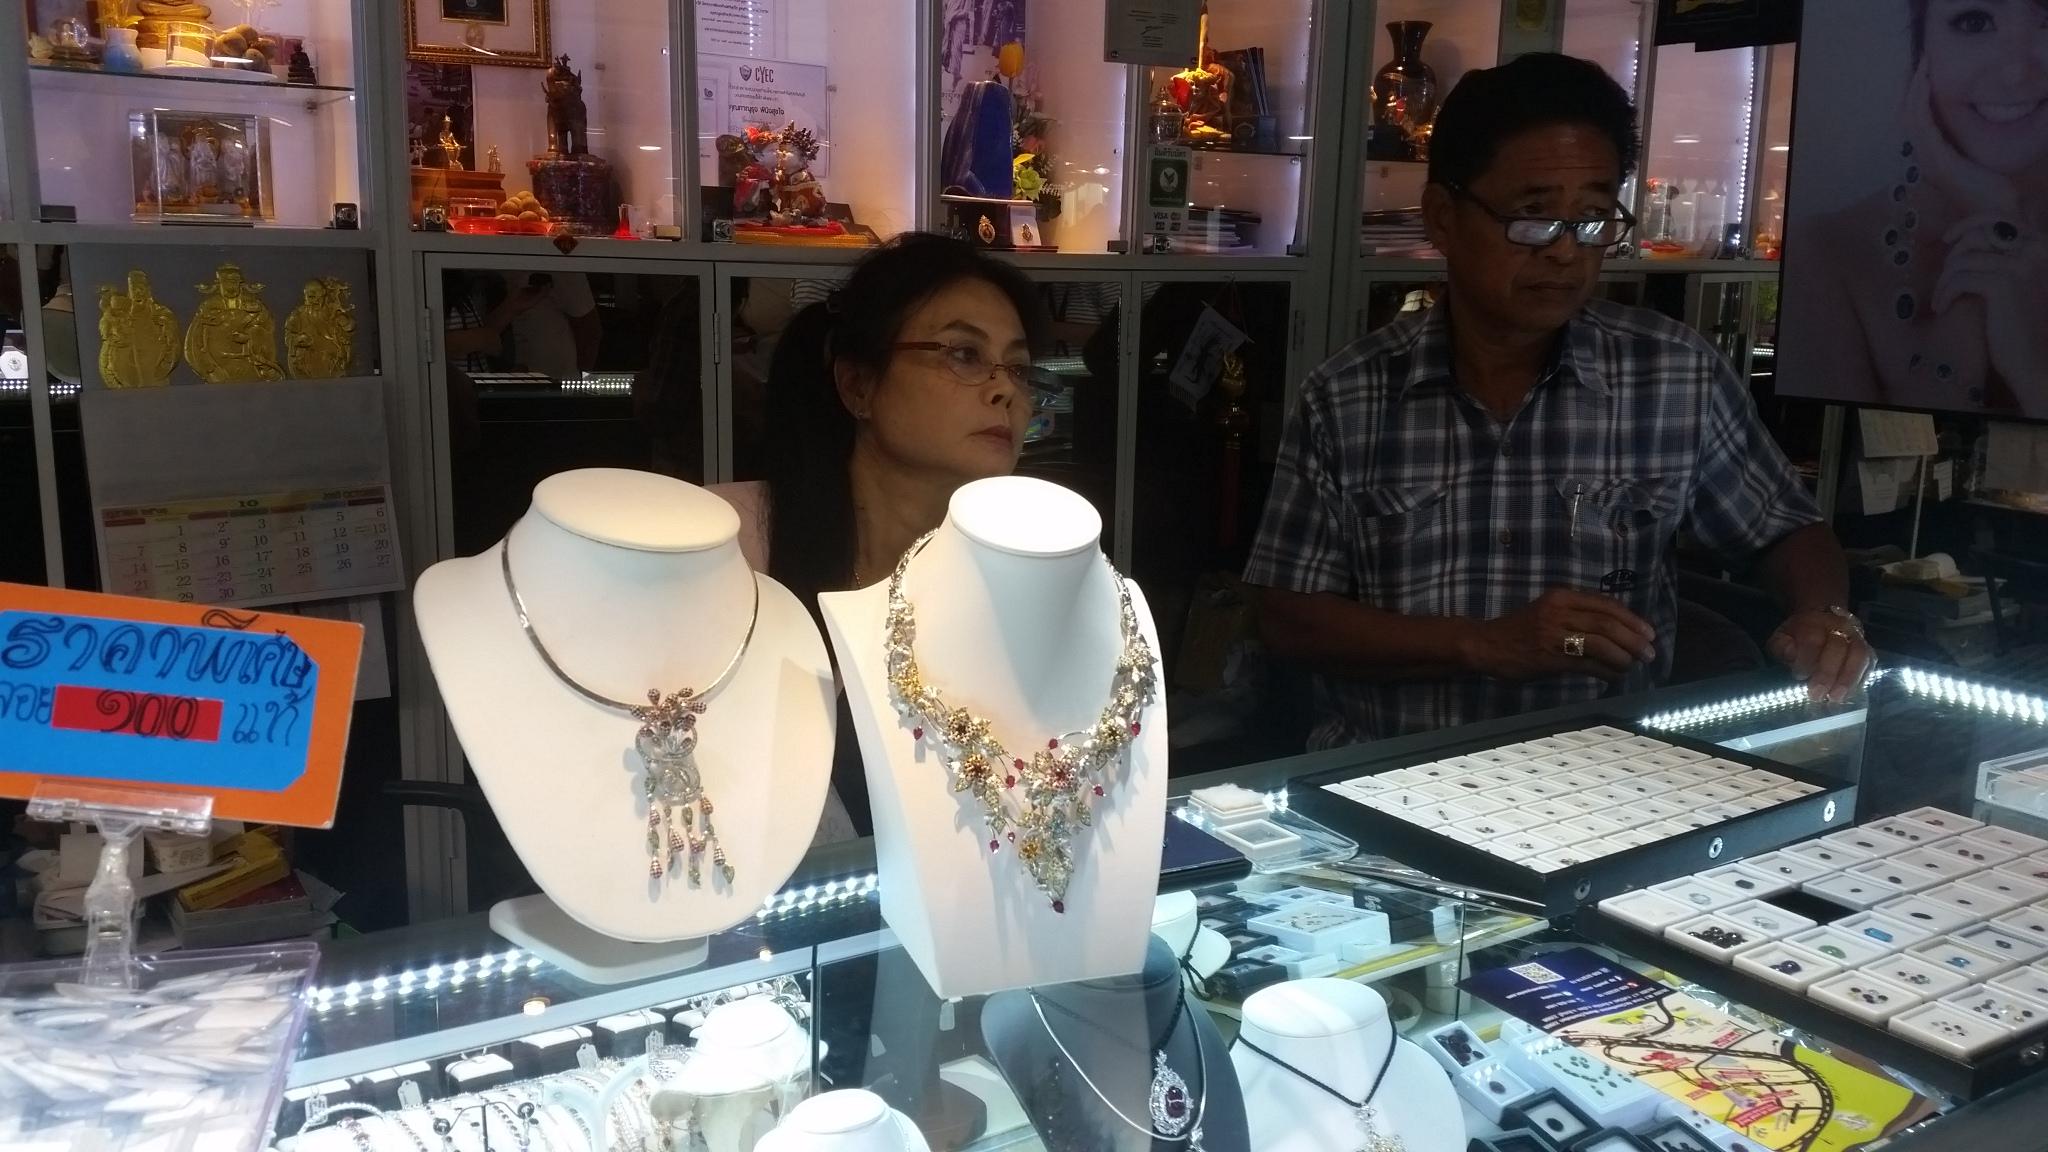 Някога Тайланд е бил страната на рубините, докато сега има само остатъци, но в обработката, производството на бижута с червения камък и дизайна им кралството си остава номер 1. В област Чантабури, разположена до границата с Камбоджа, се намира и един от най-старите и известни пазари на скъпоценни камъни в света. 80% от скъпоценните камъни в цял свят се пращат на майсторите в Чантабури за обработка, разказват от едно от ателиетата и магазин KP Jewelry Center.